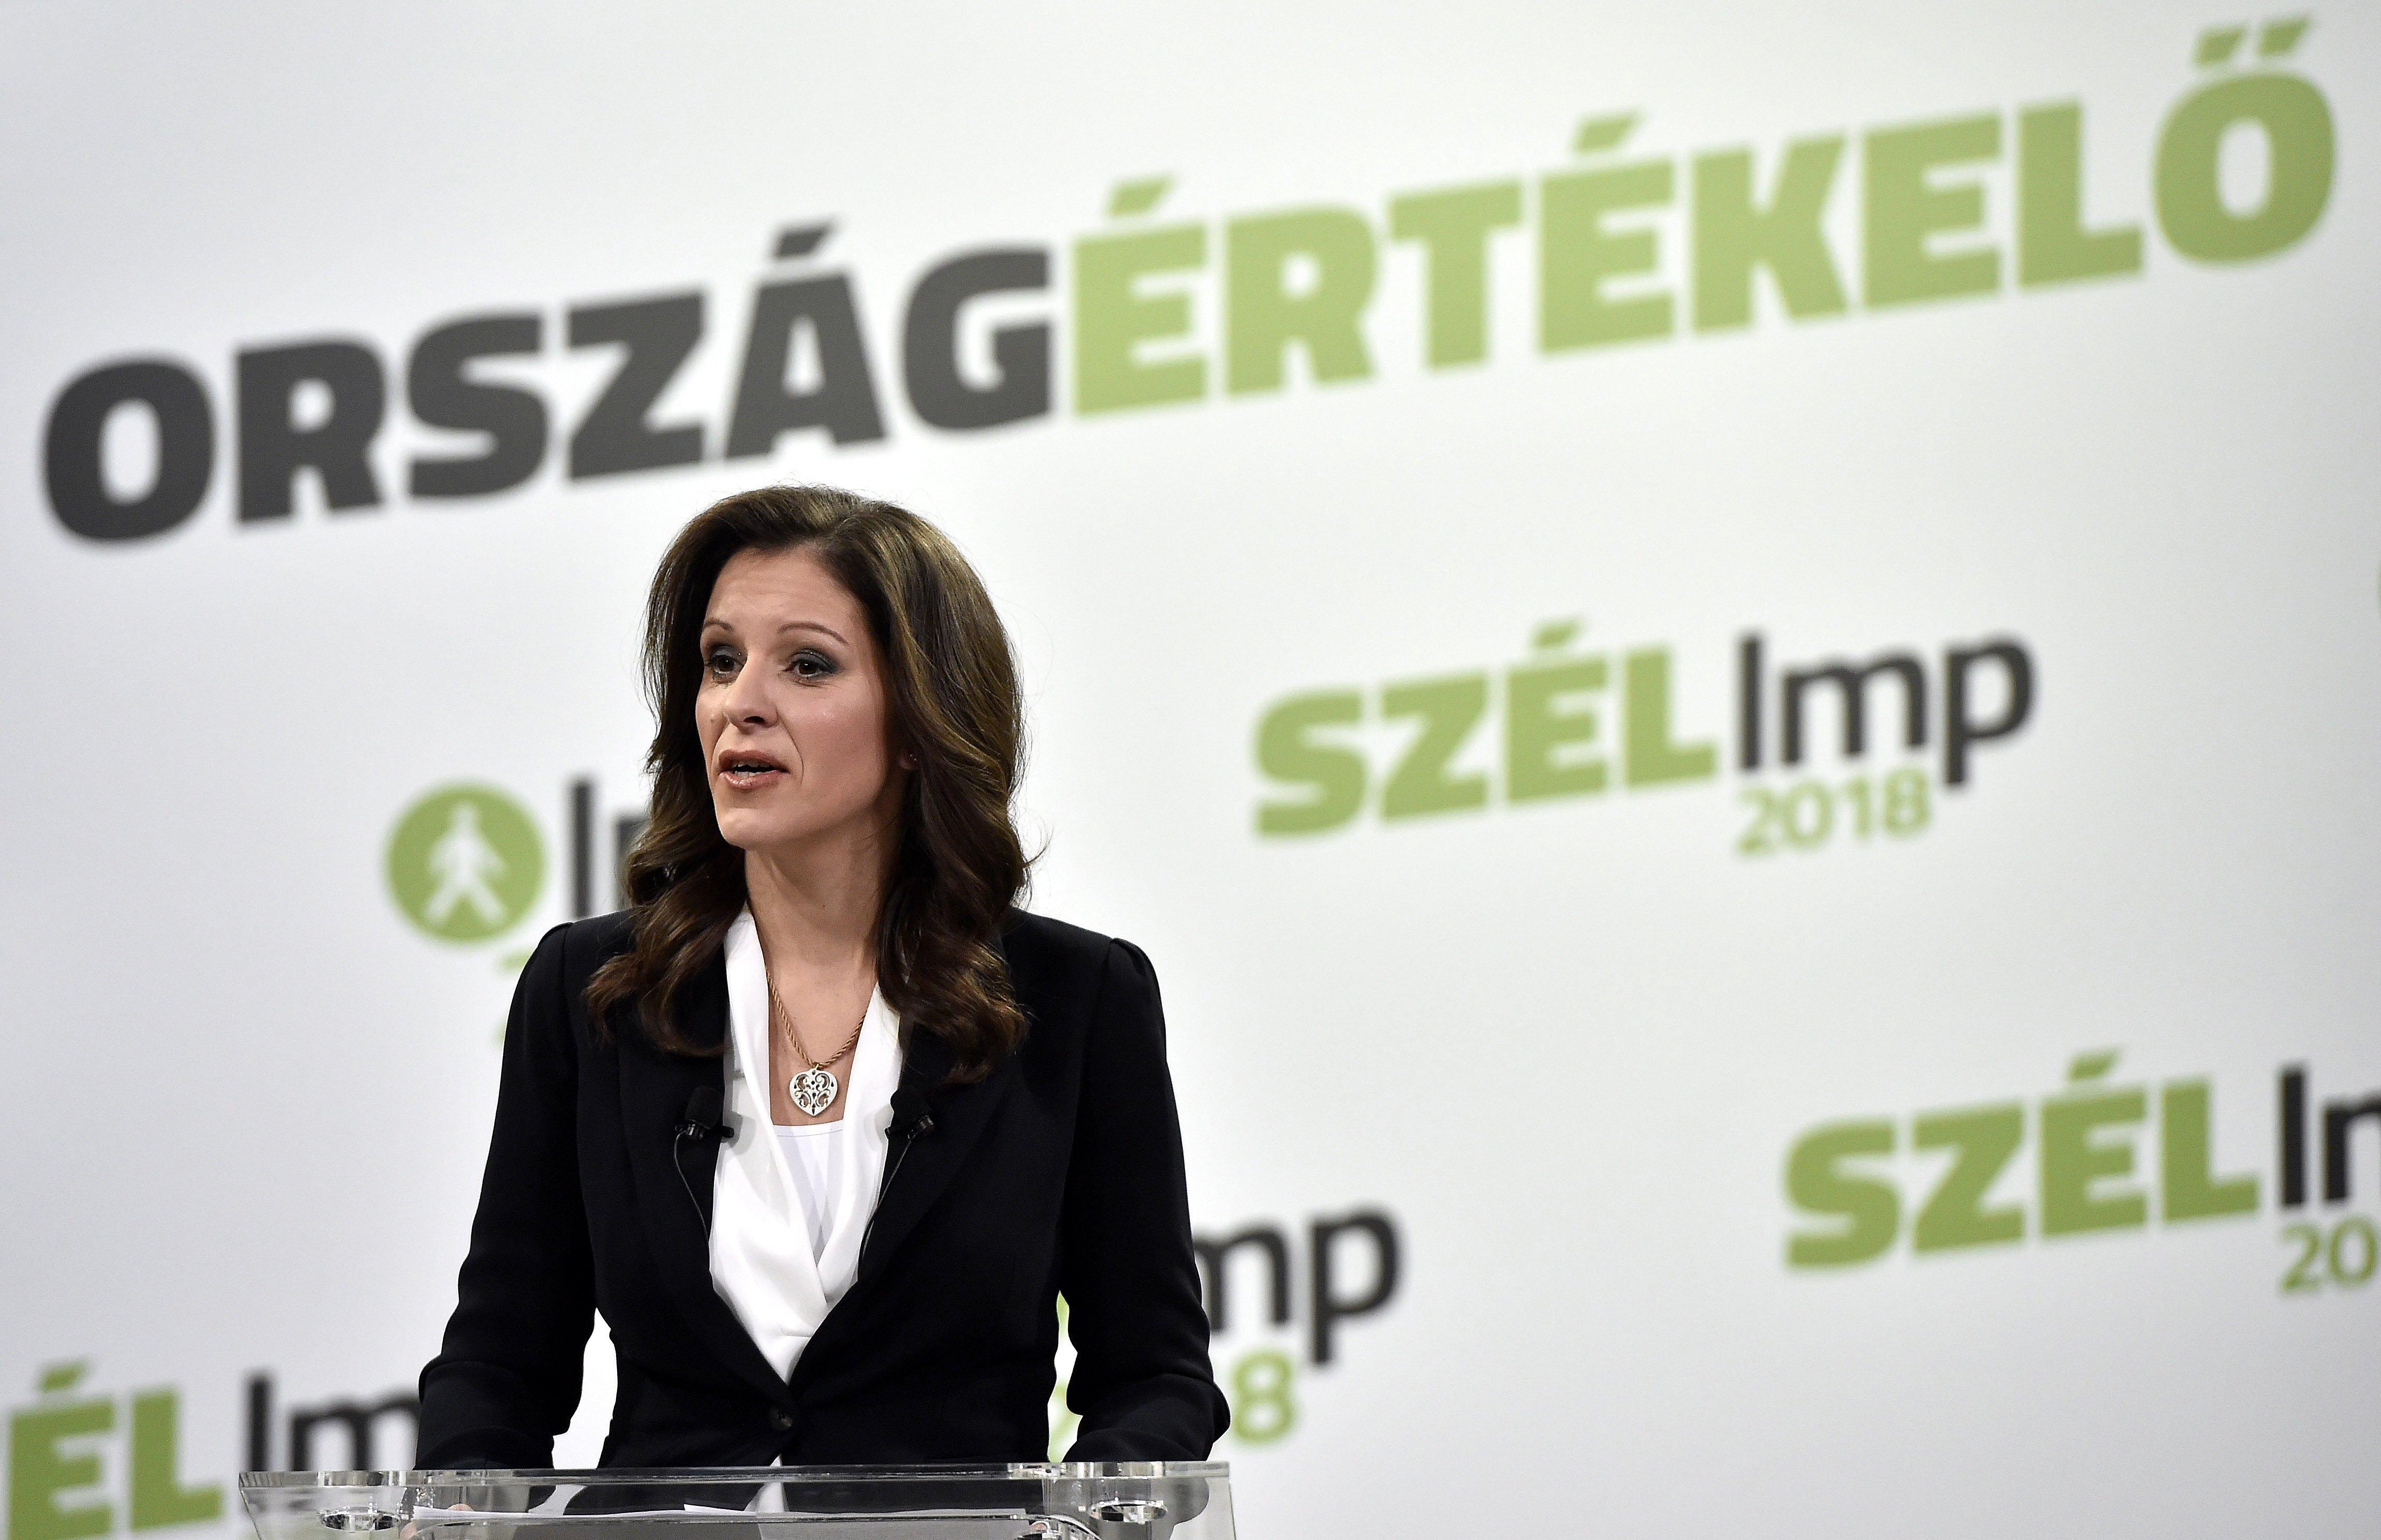 """Szél Bernadett: Már azt sem mondják, hogy Magyarország jobban teljesít, csak annyit, hogy """"Soros György van, veszély és felháborodás"""""""